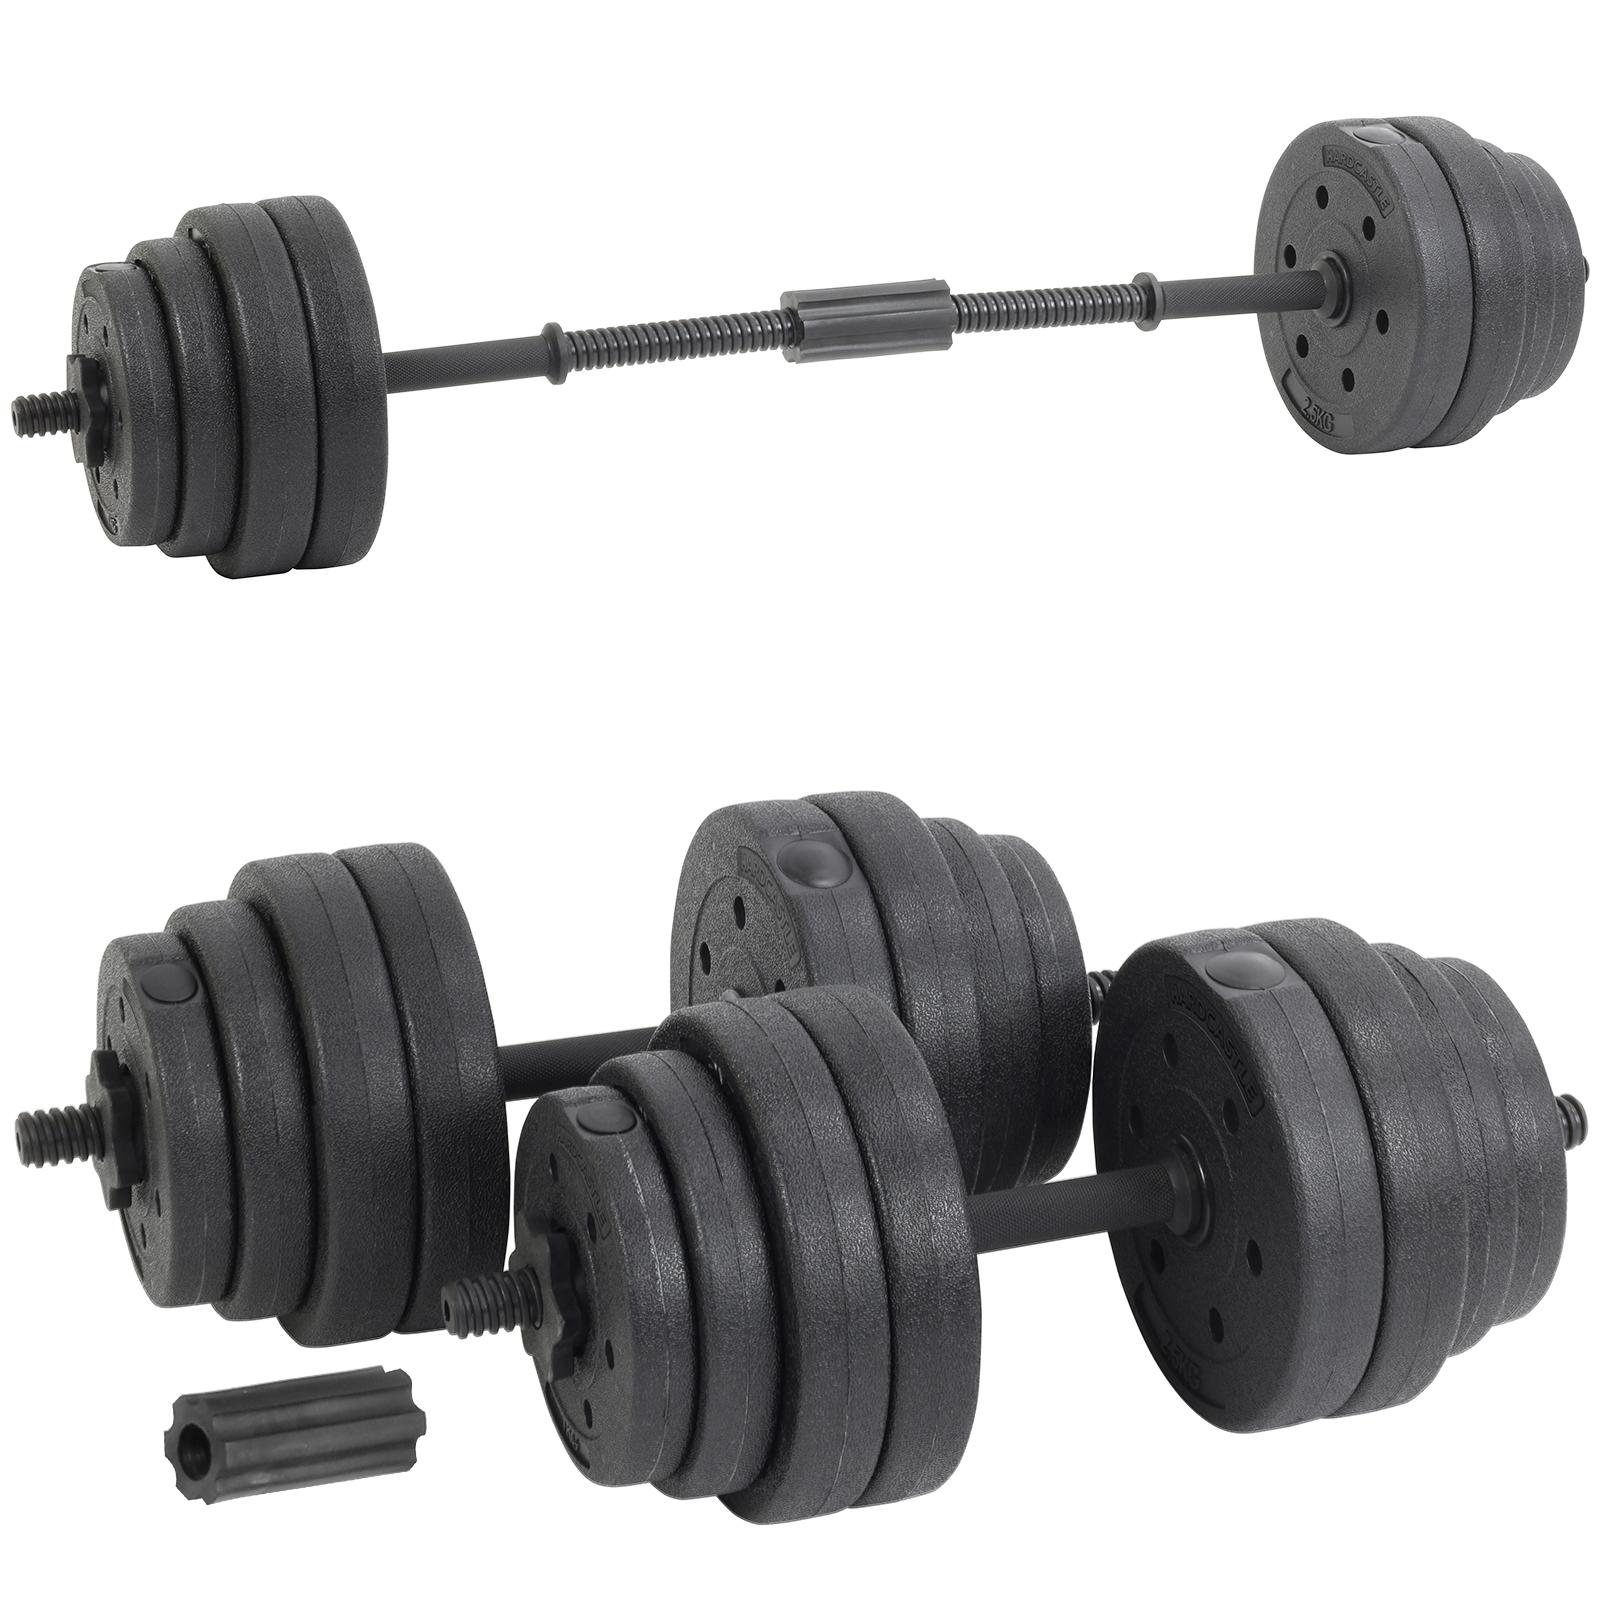 Dumbbells For Sale >> Details About Black 30kg Dumbbell Set Gym Weight Lifting Bar Weights Kit Dumbbells Sale 018